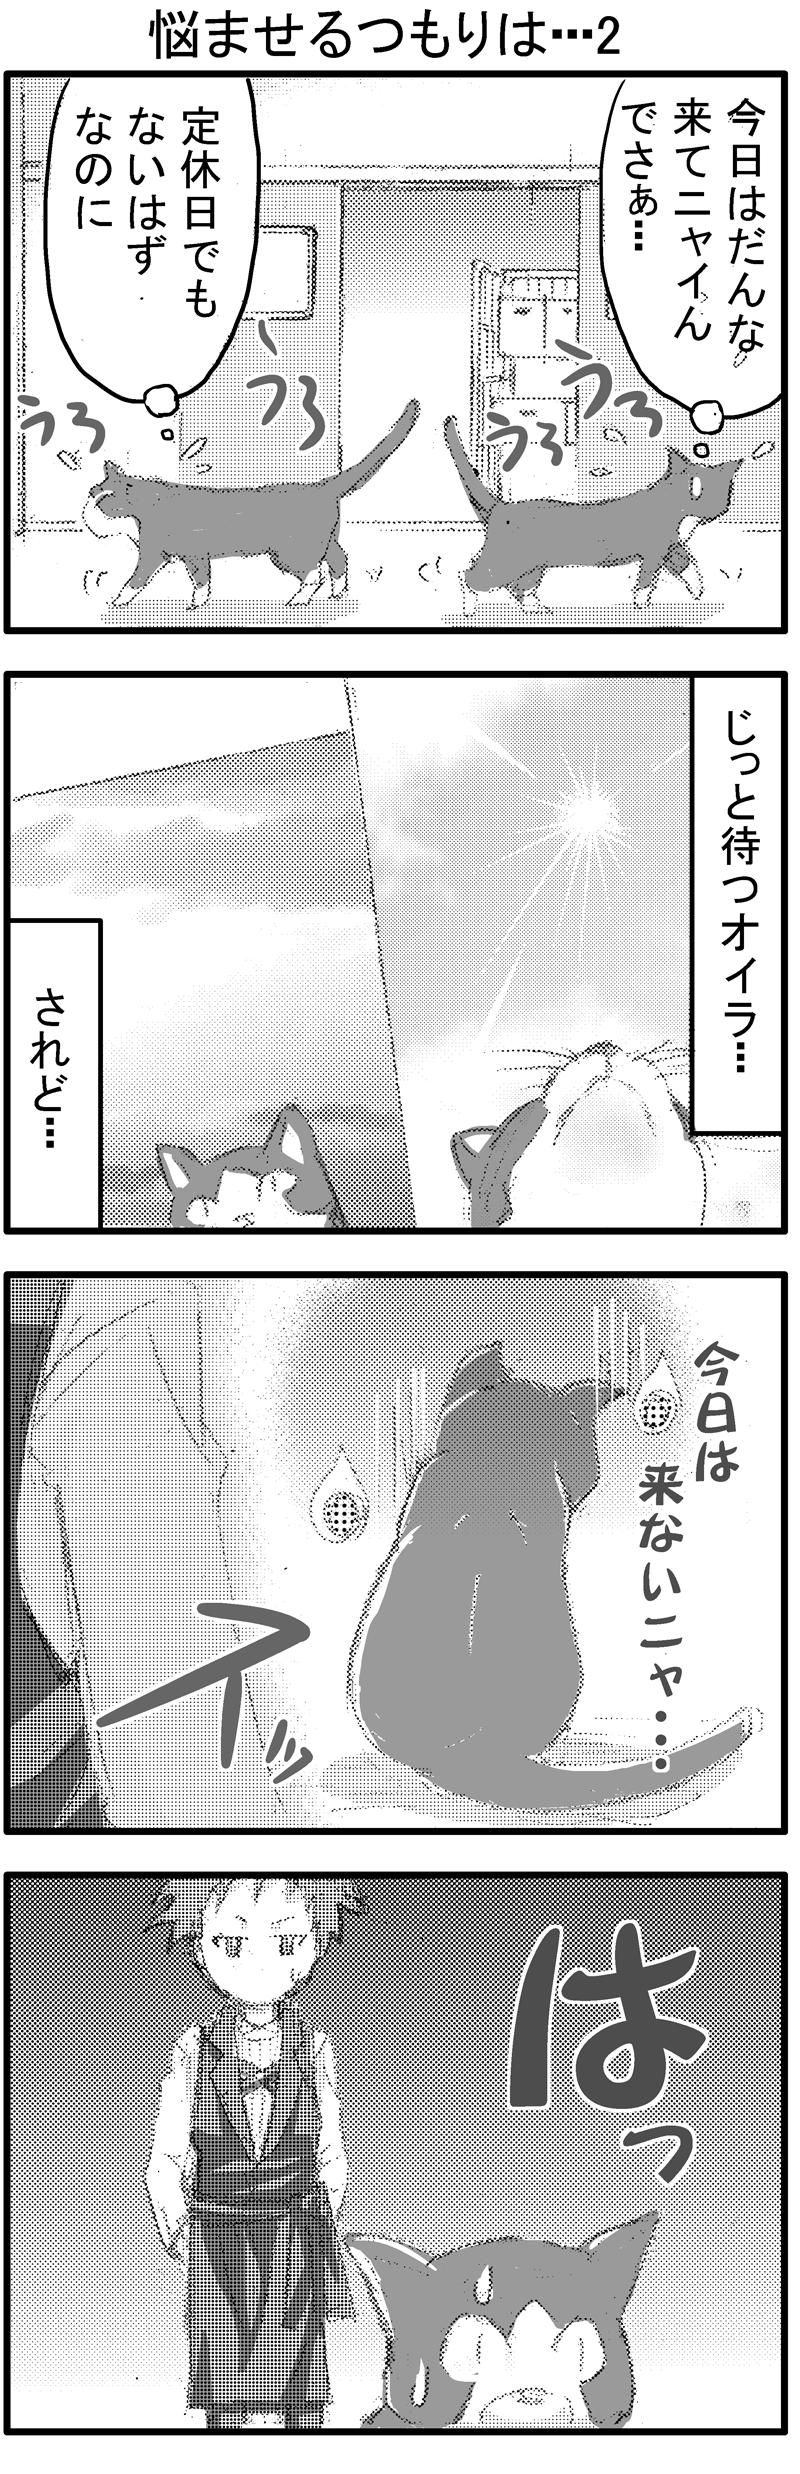 イケメンスーパー04-1